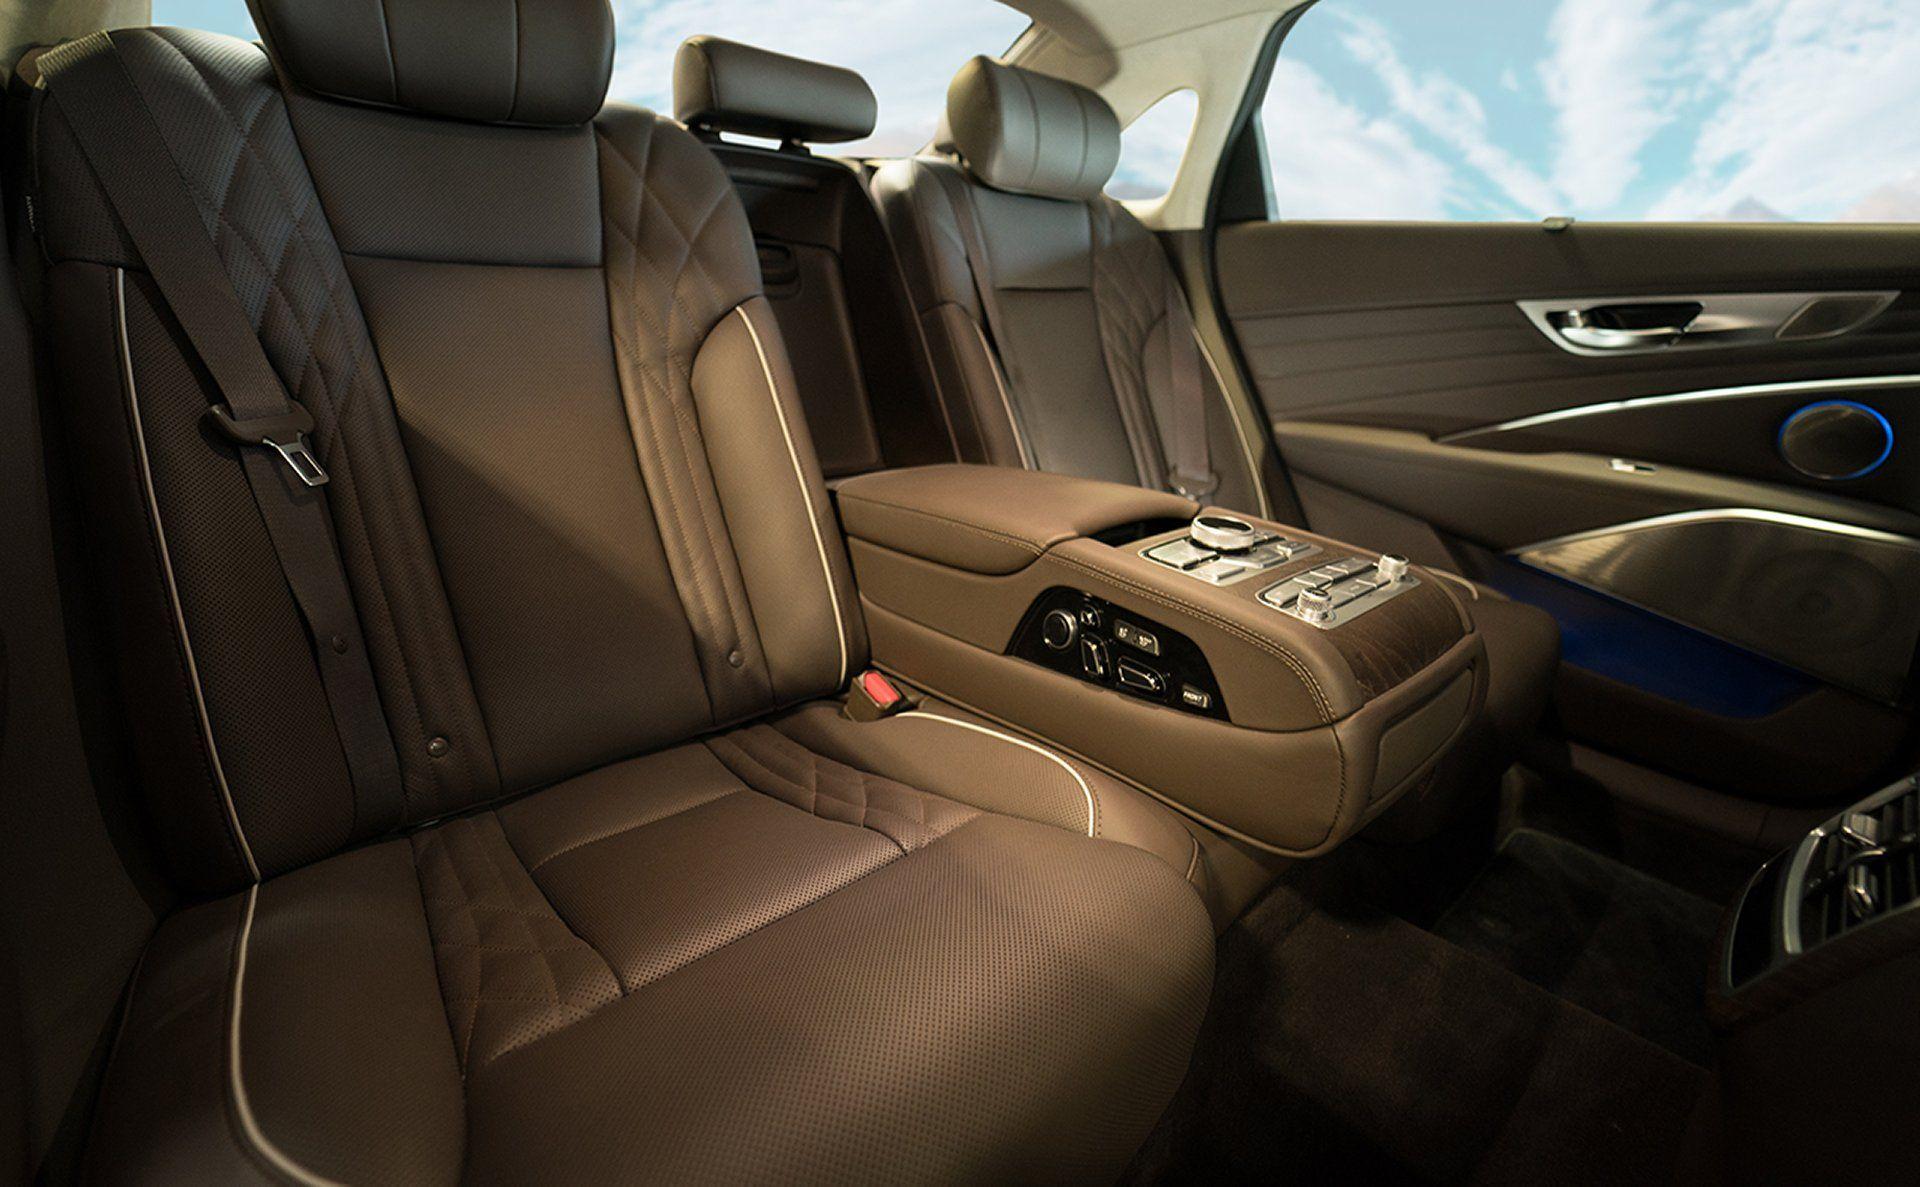 Kia K900 Set To Debut At La Auto Show Kia Motors Kia Sedan